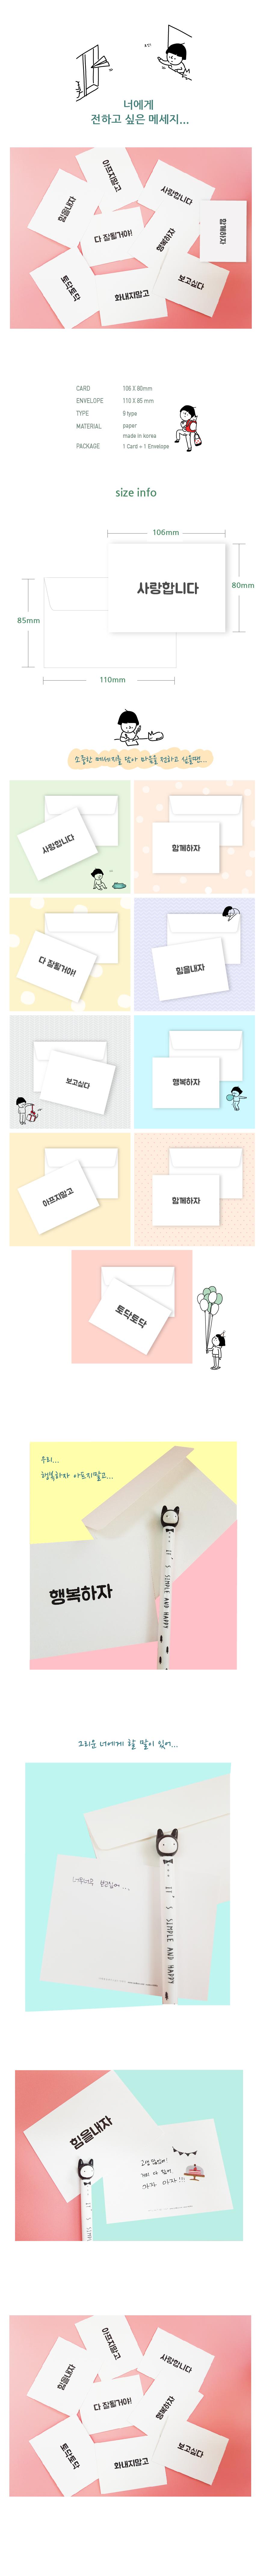 위로 메세지 카드(9종)- 46-0229-1 - 더오픈하우스, 3,000원, 카드, 축하 카드